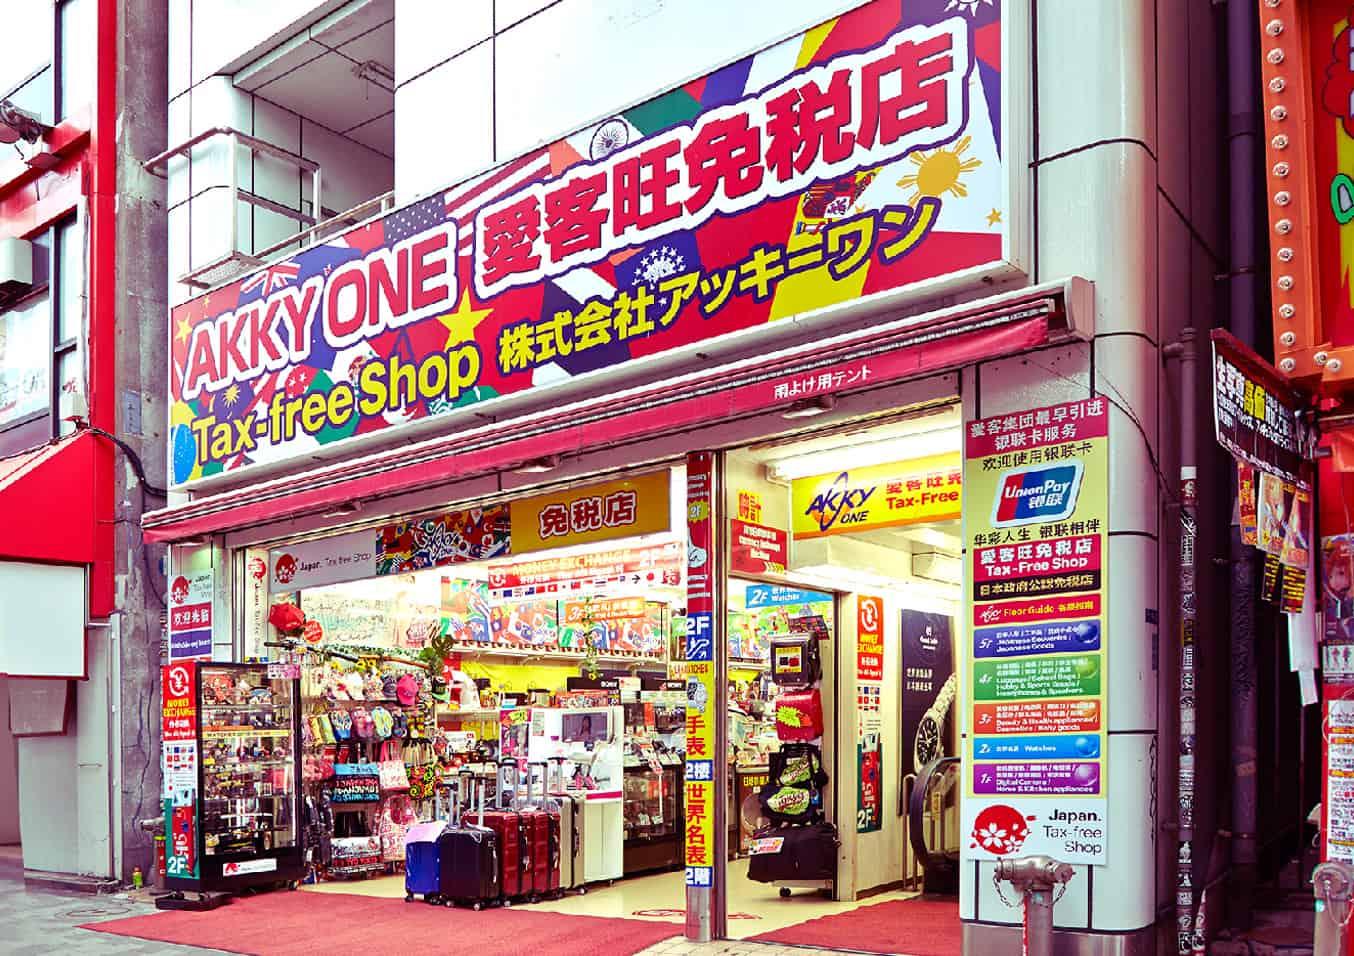 ญี่ปุ่นขึ้นภาษีการบริโภค จาก 8% เป็น 10% ปี 2019